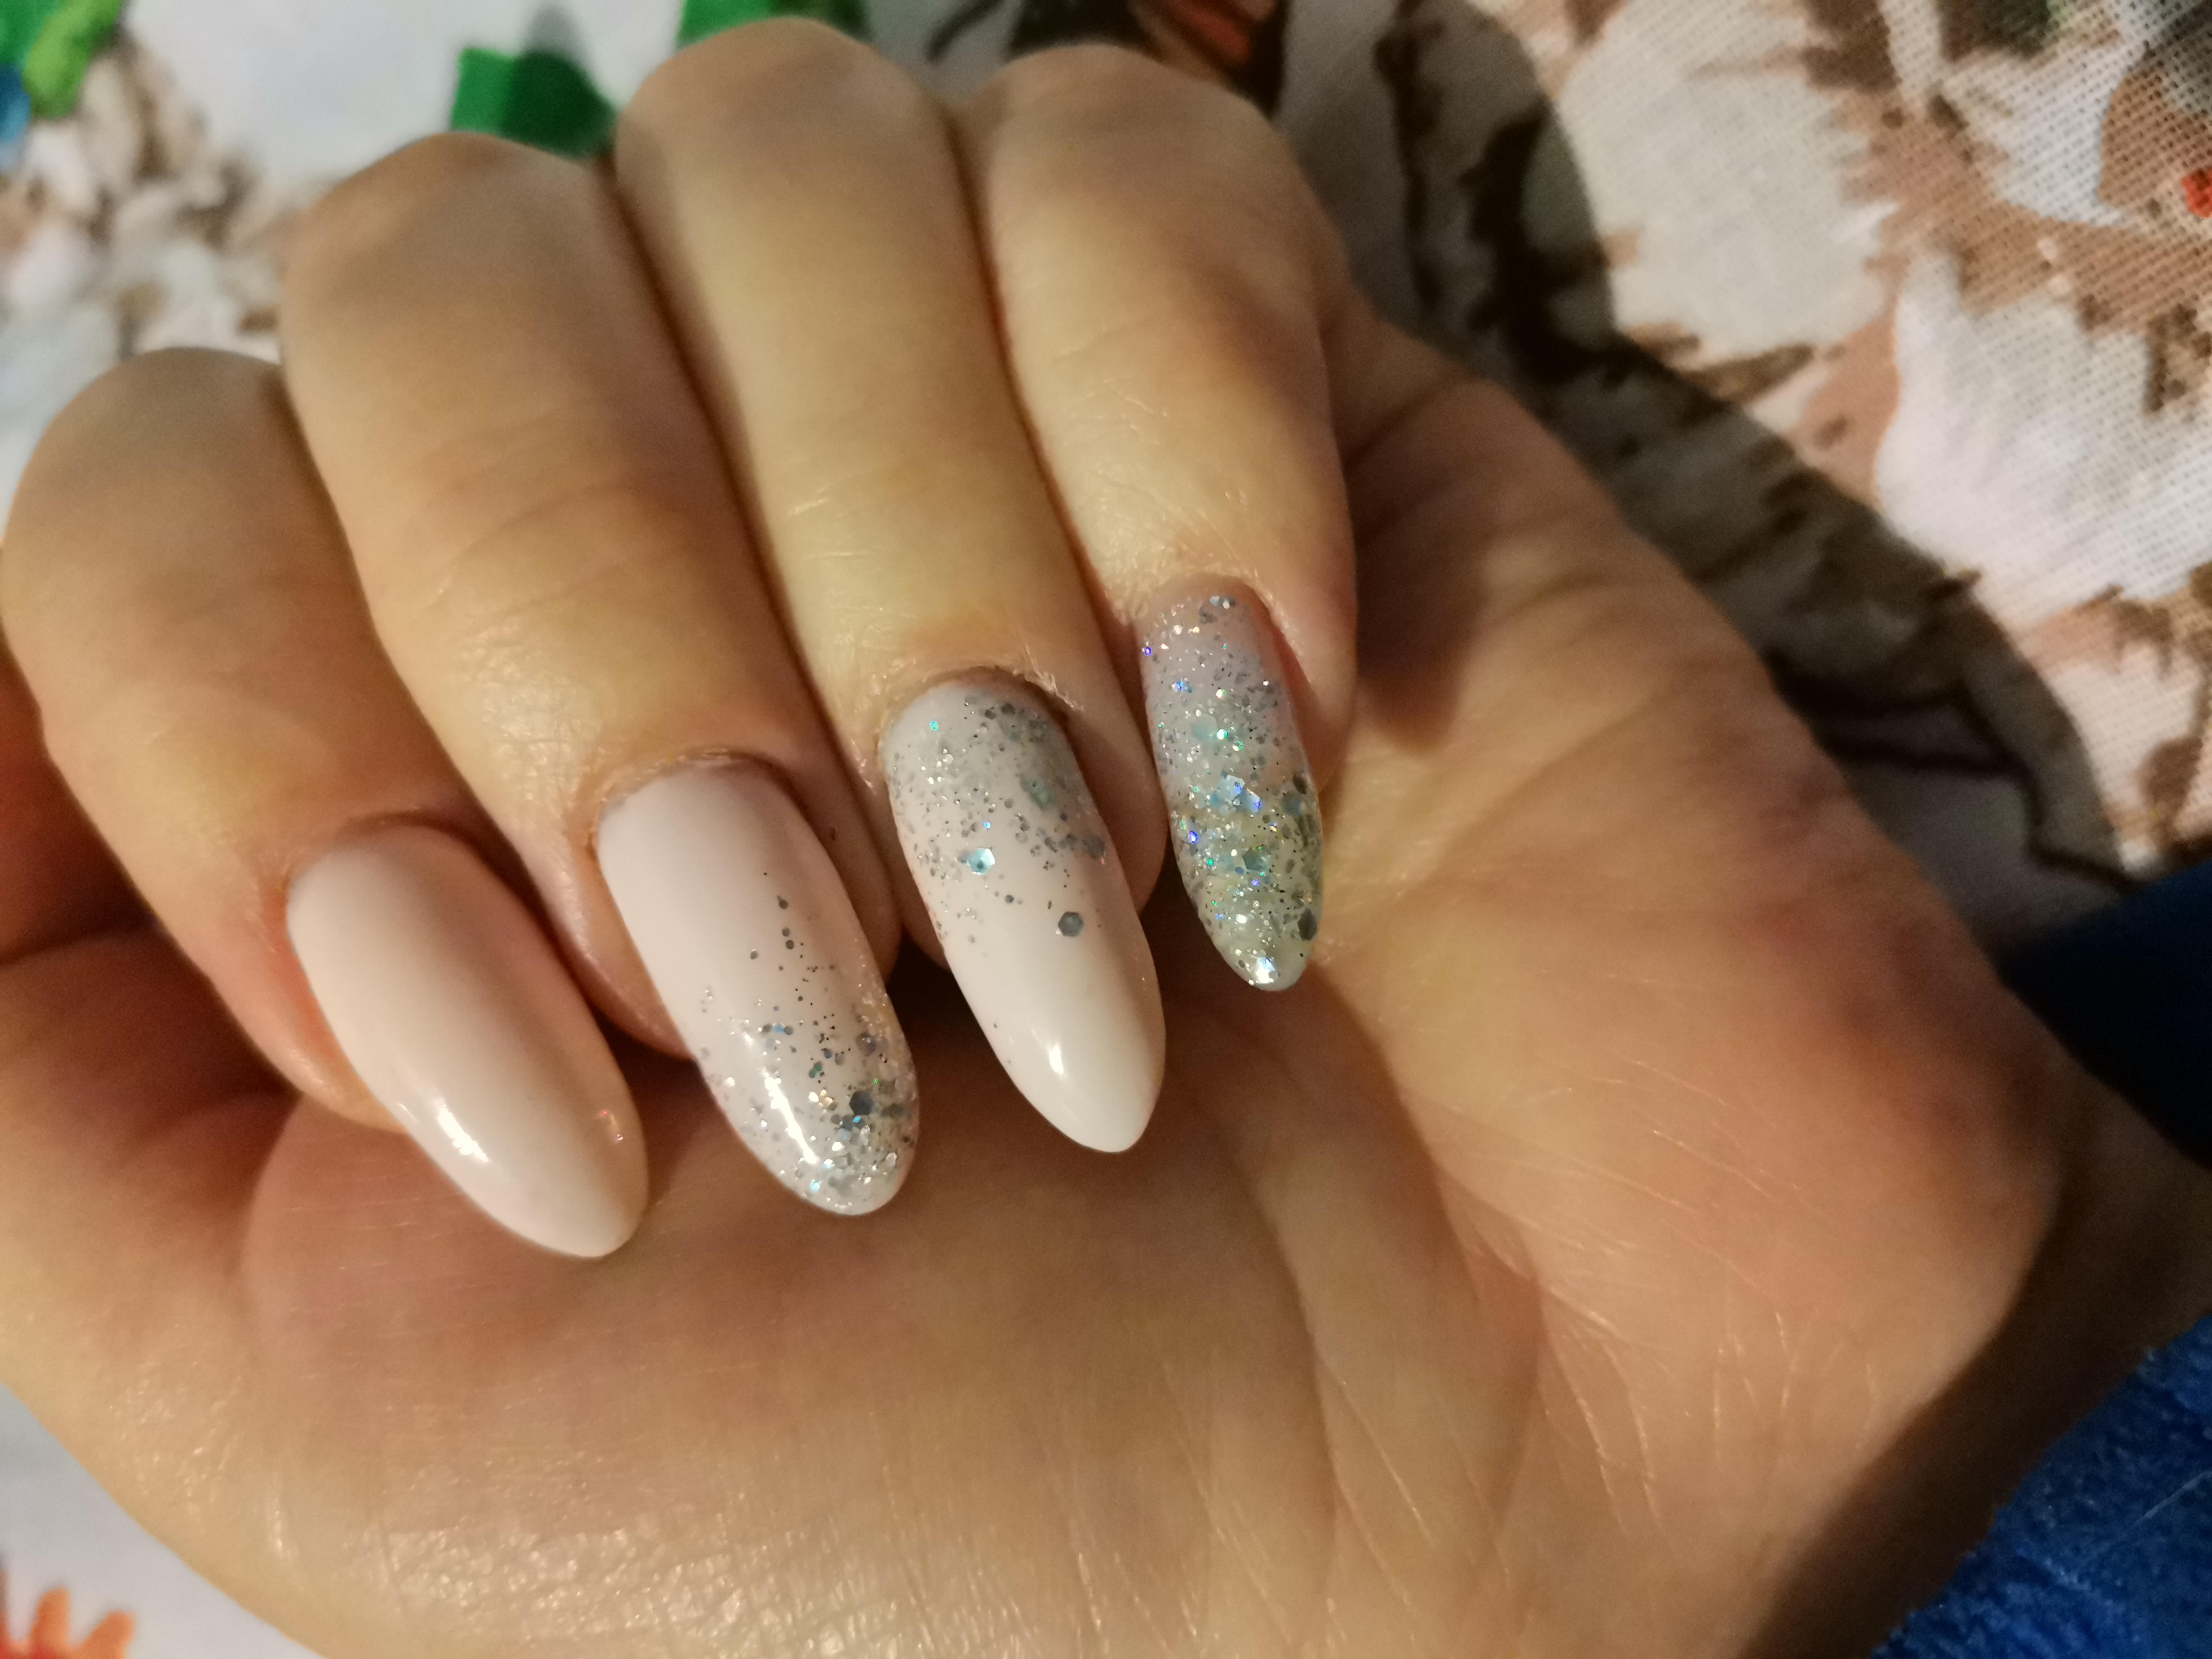 Маникюр с серебряными камифубуки в молочном цвете на длинные ногти.